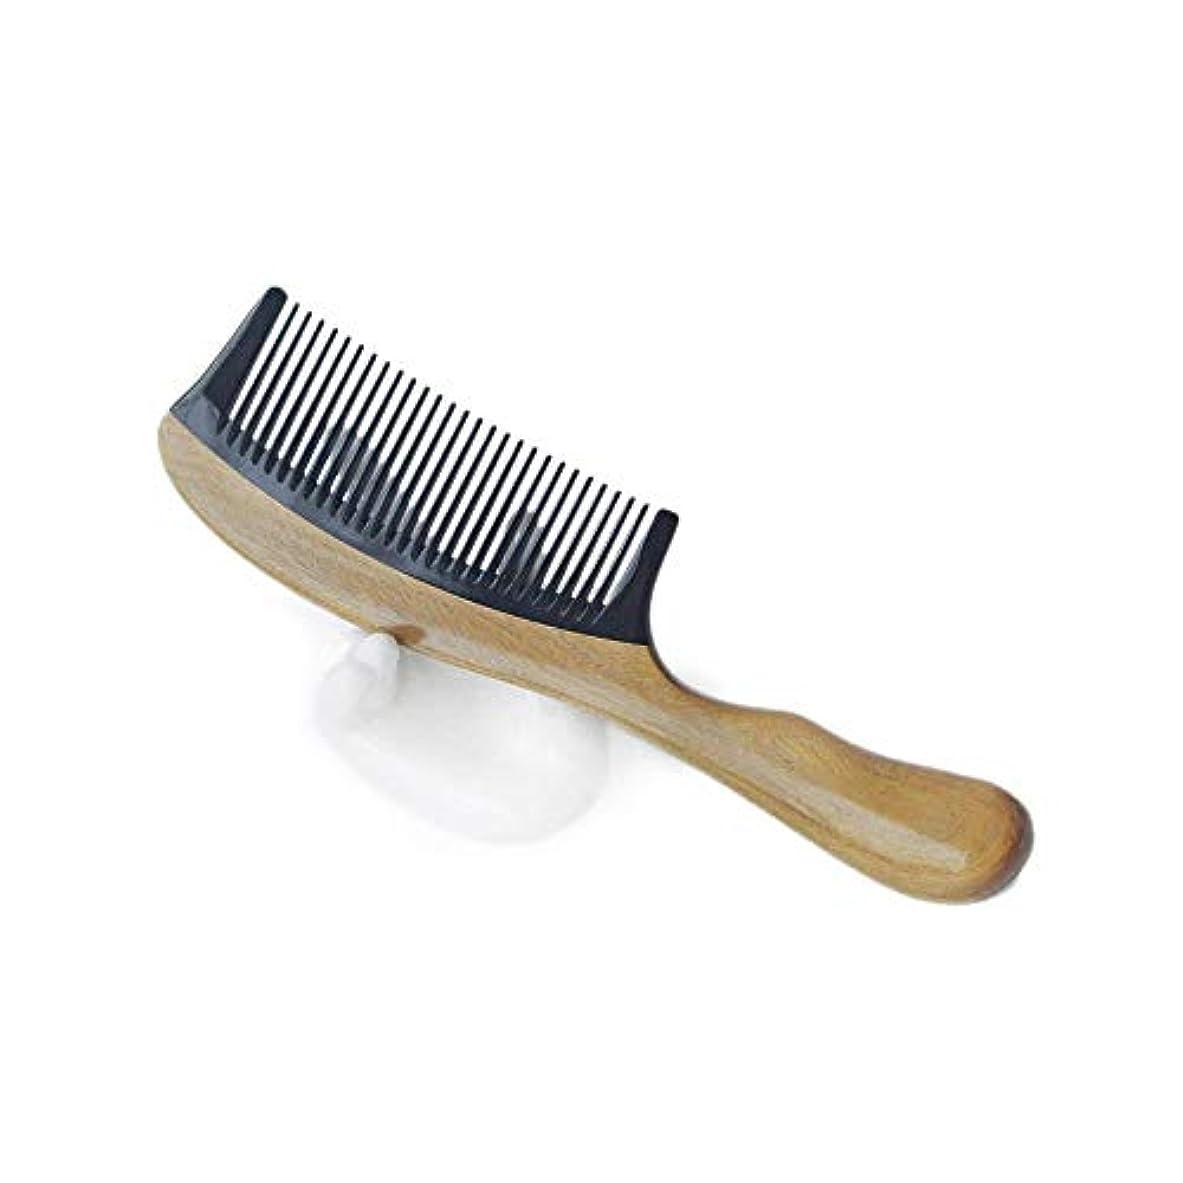 シャイコミュニケーションスクラップブックFashianサンダルウッドくし手作りの木製くし静電防止(ショートハンドル - ワイド歯) ヘアケア